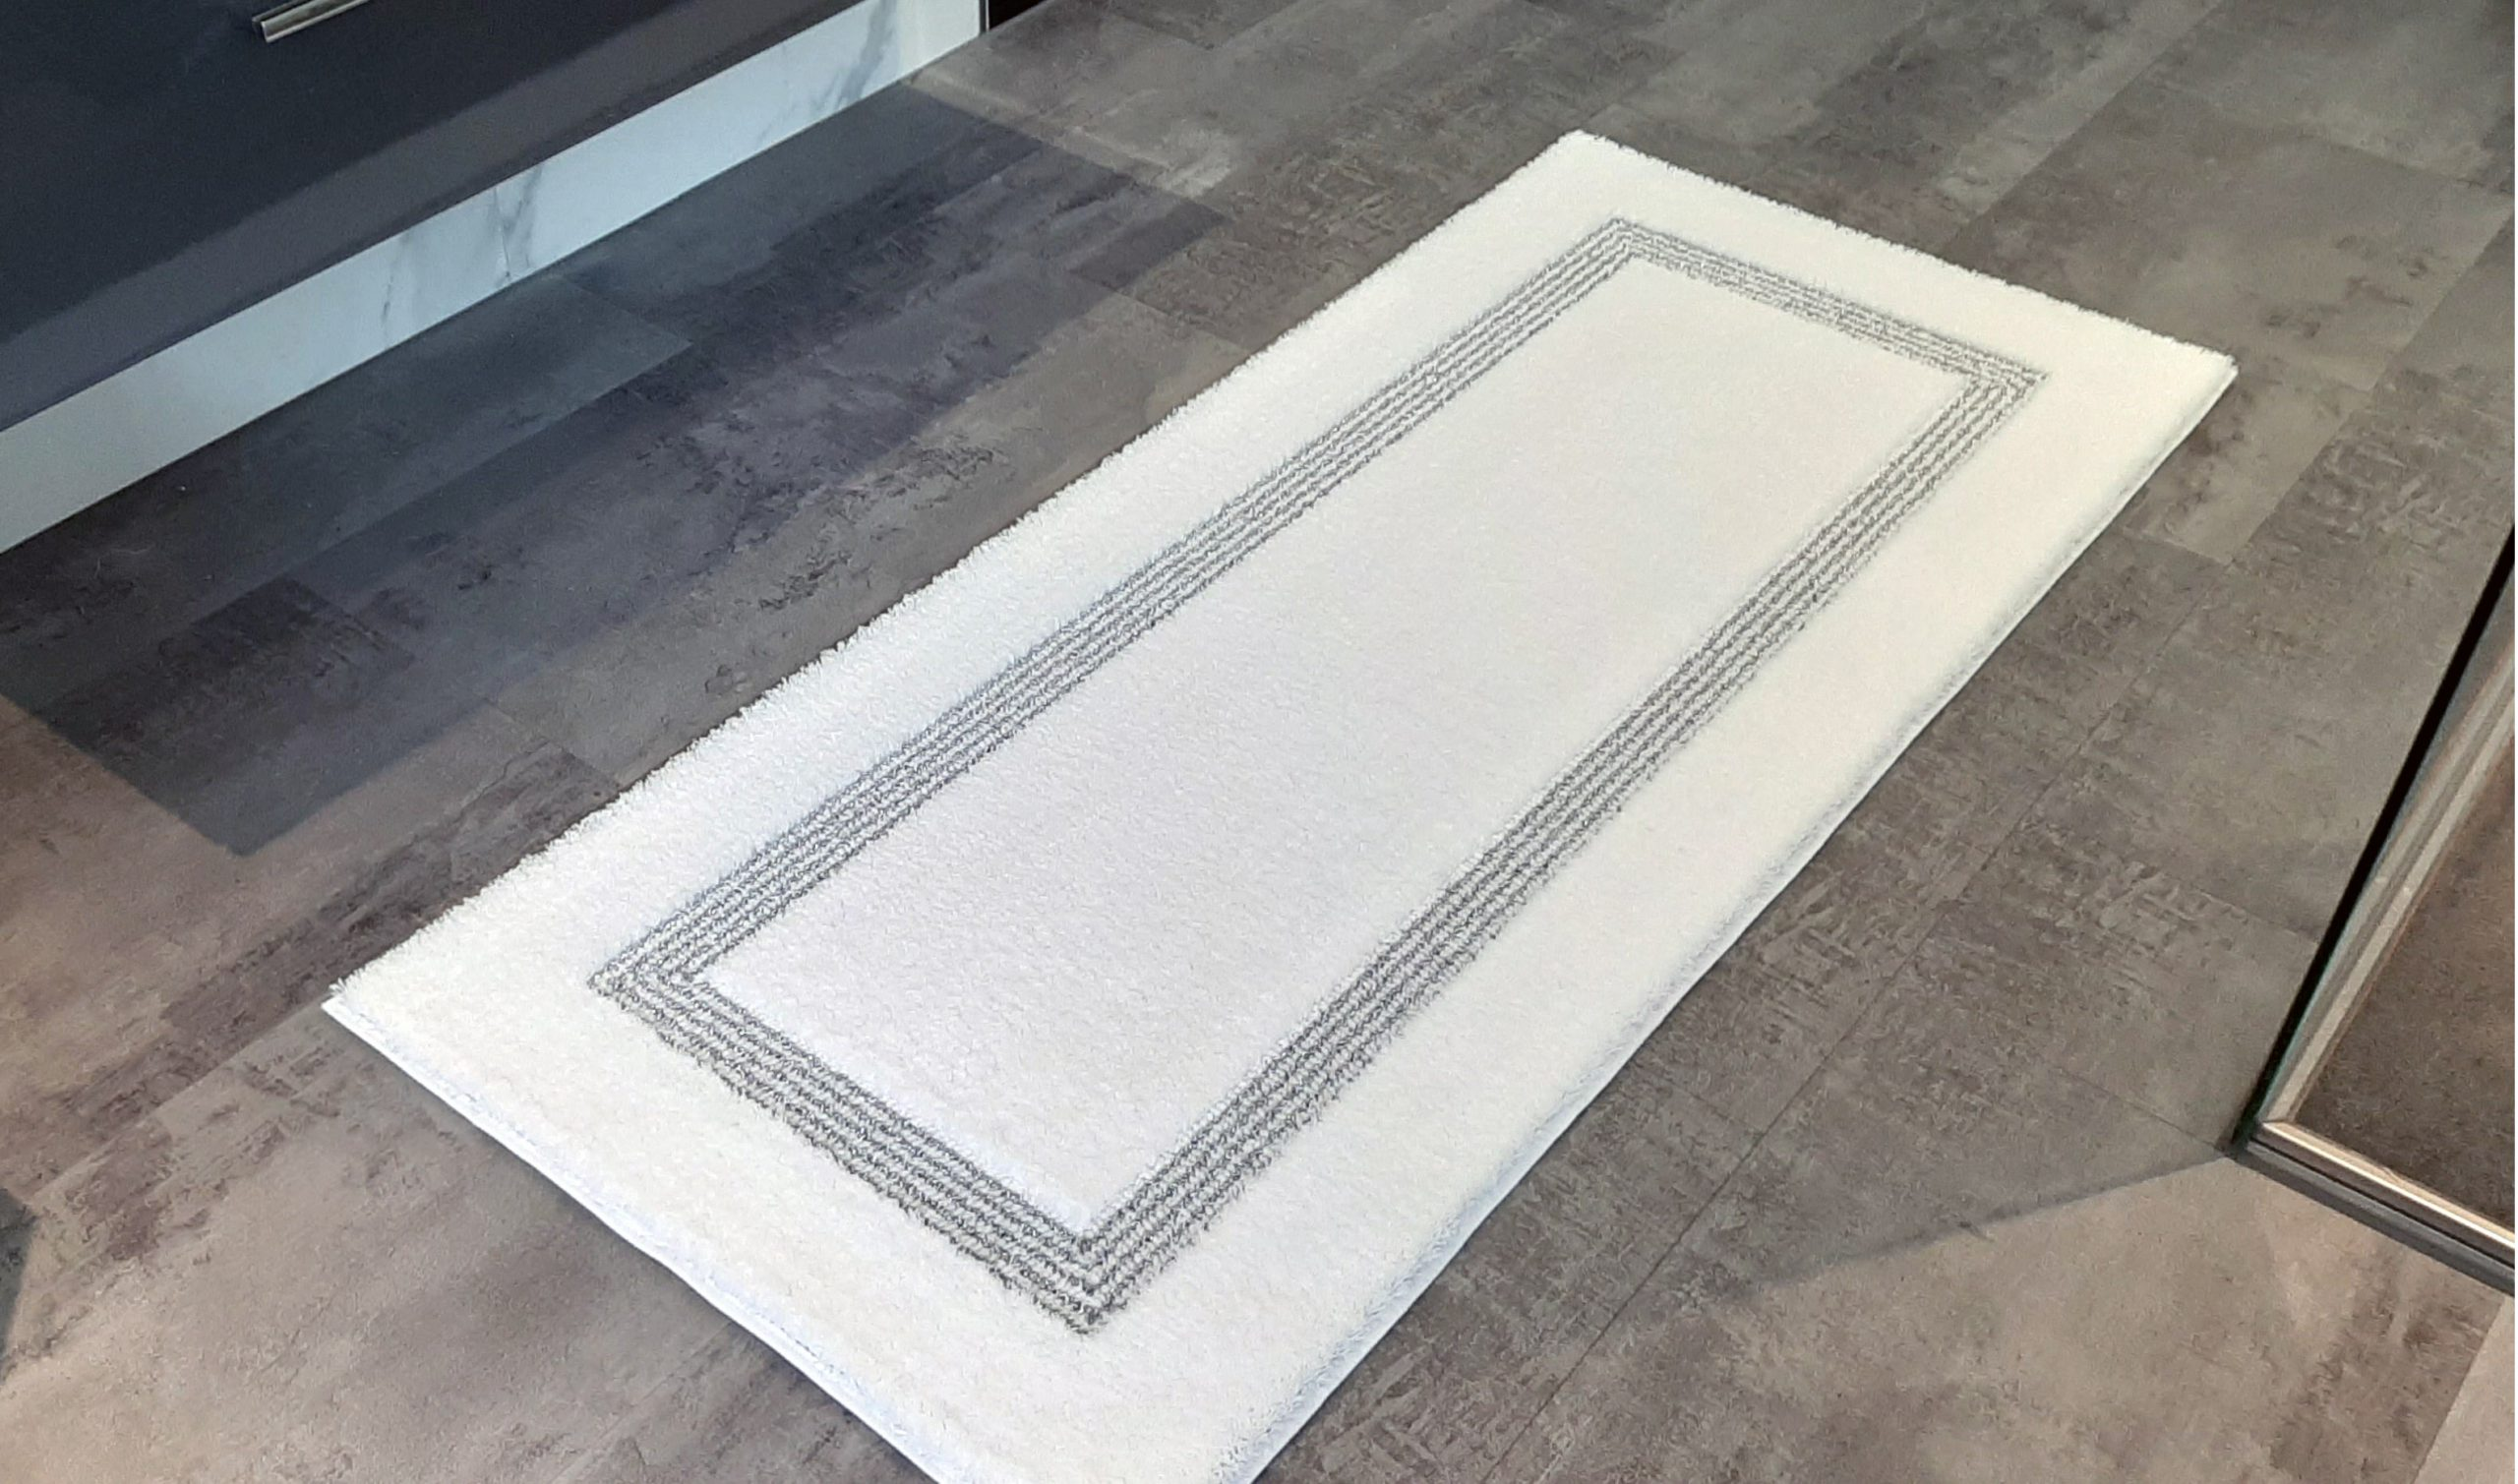 Badteppich 70 x 145cm weiß mit silber lurex in Schlinge